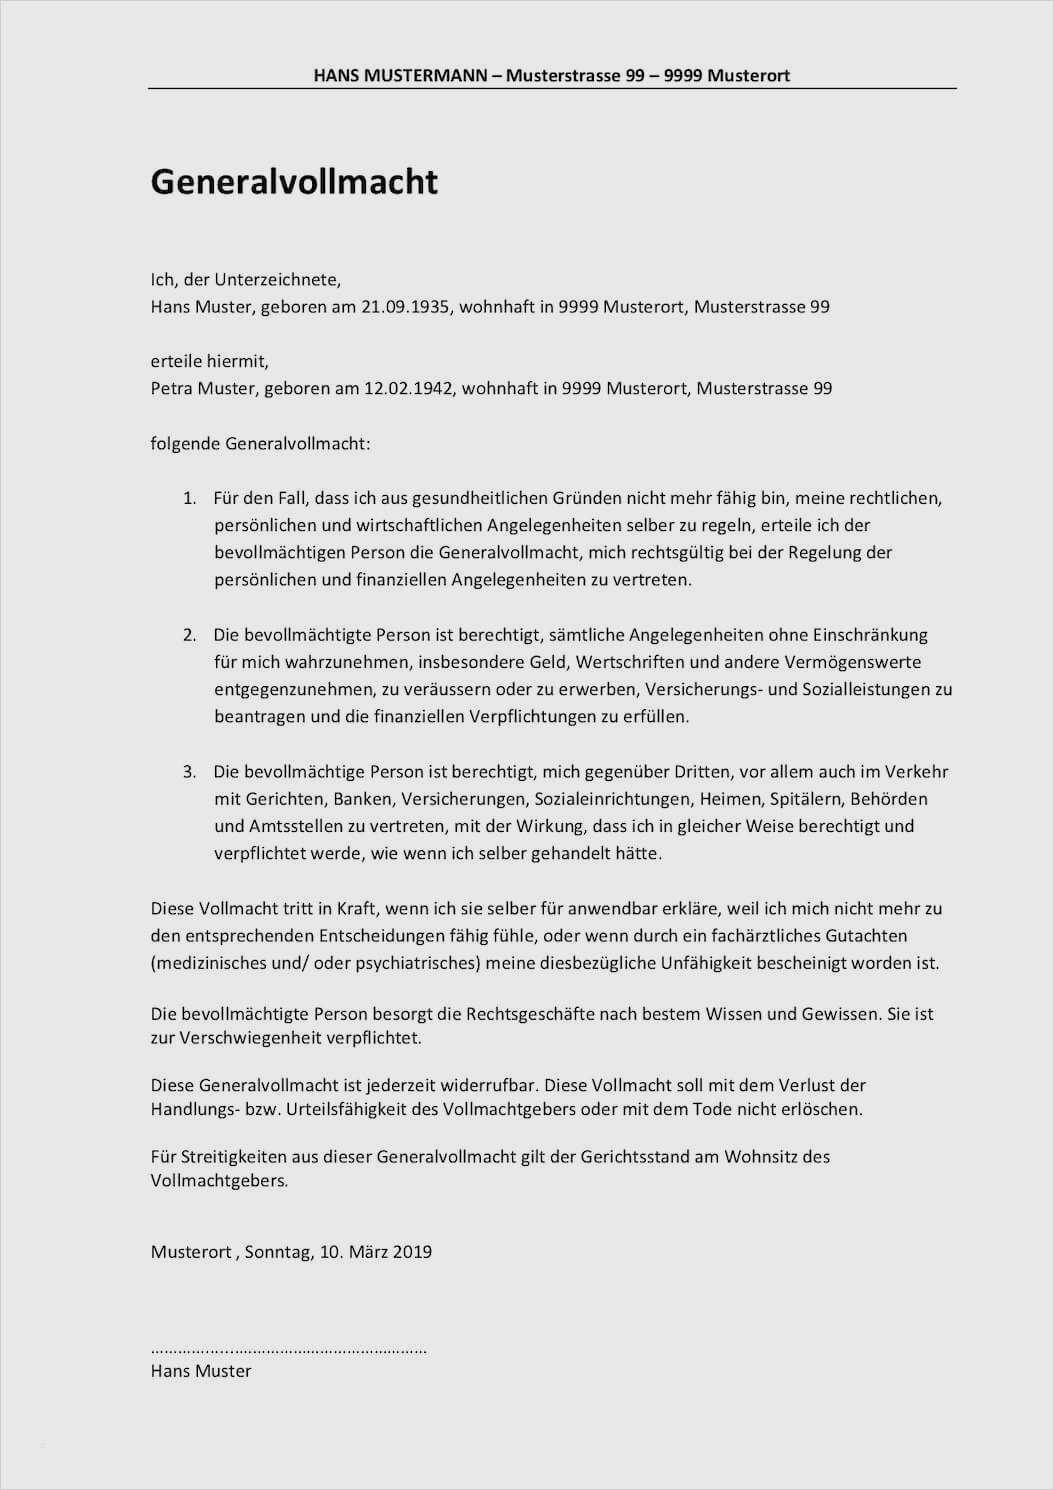 Reisevollmacht Schweiz Vorlage Im Pdf Format Gratis Download 1